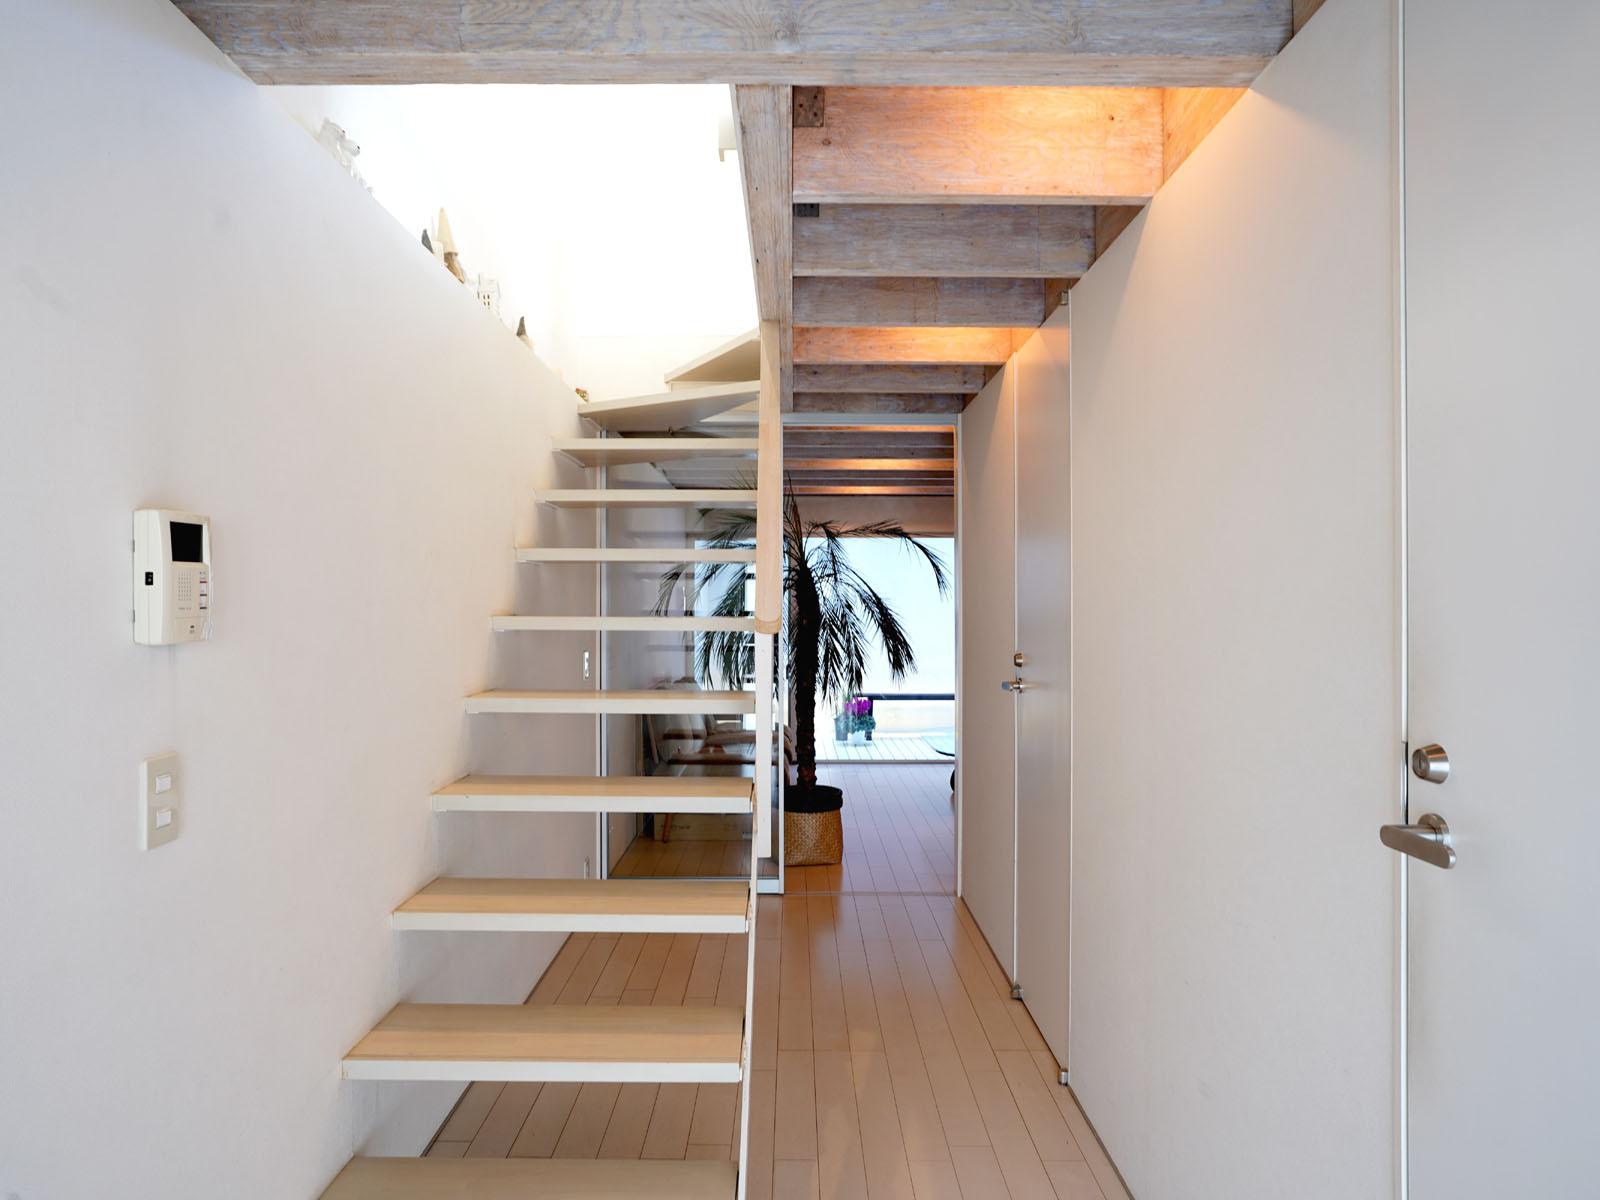 1階:玄関から、見通しがいい階段の先に1部屋